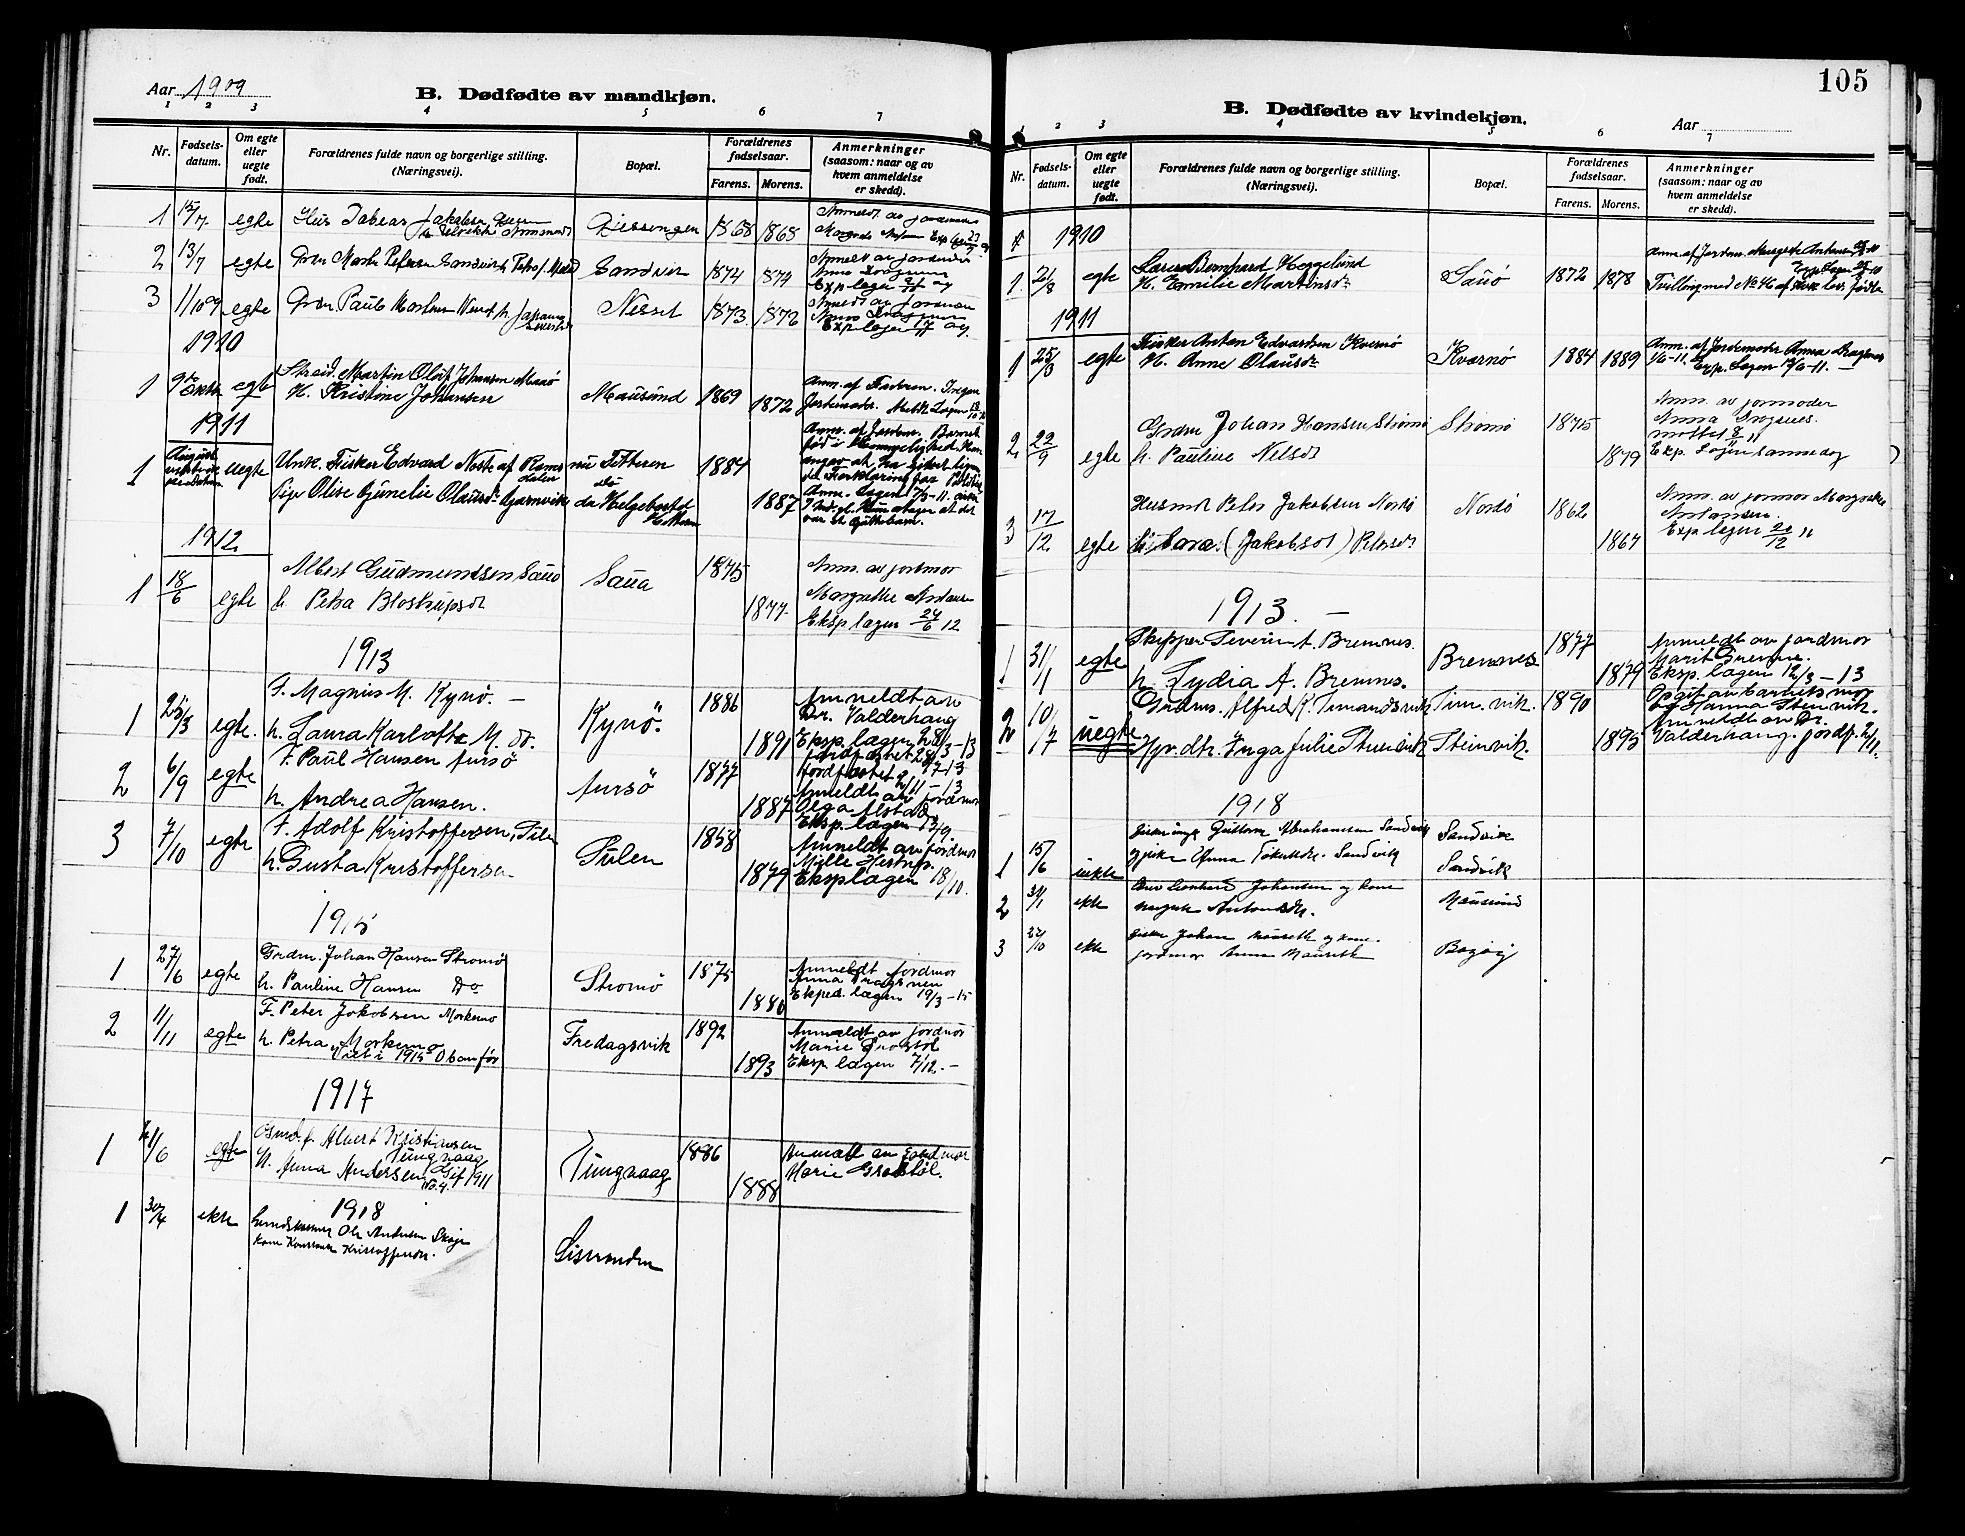 SAT, Ministerialprotokoller, klokkerbøker og fødselsregistre - Sør-Trøndelag, 640/L0588: Klokkerbok nr. 640C05, 1909-1922, s. 105